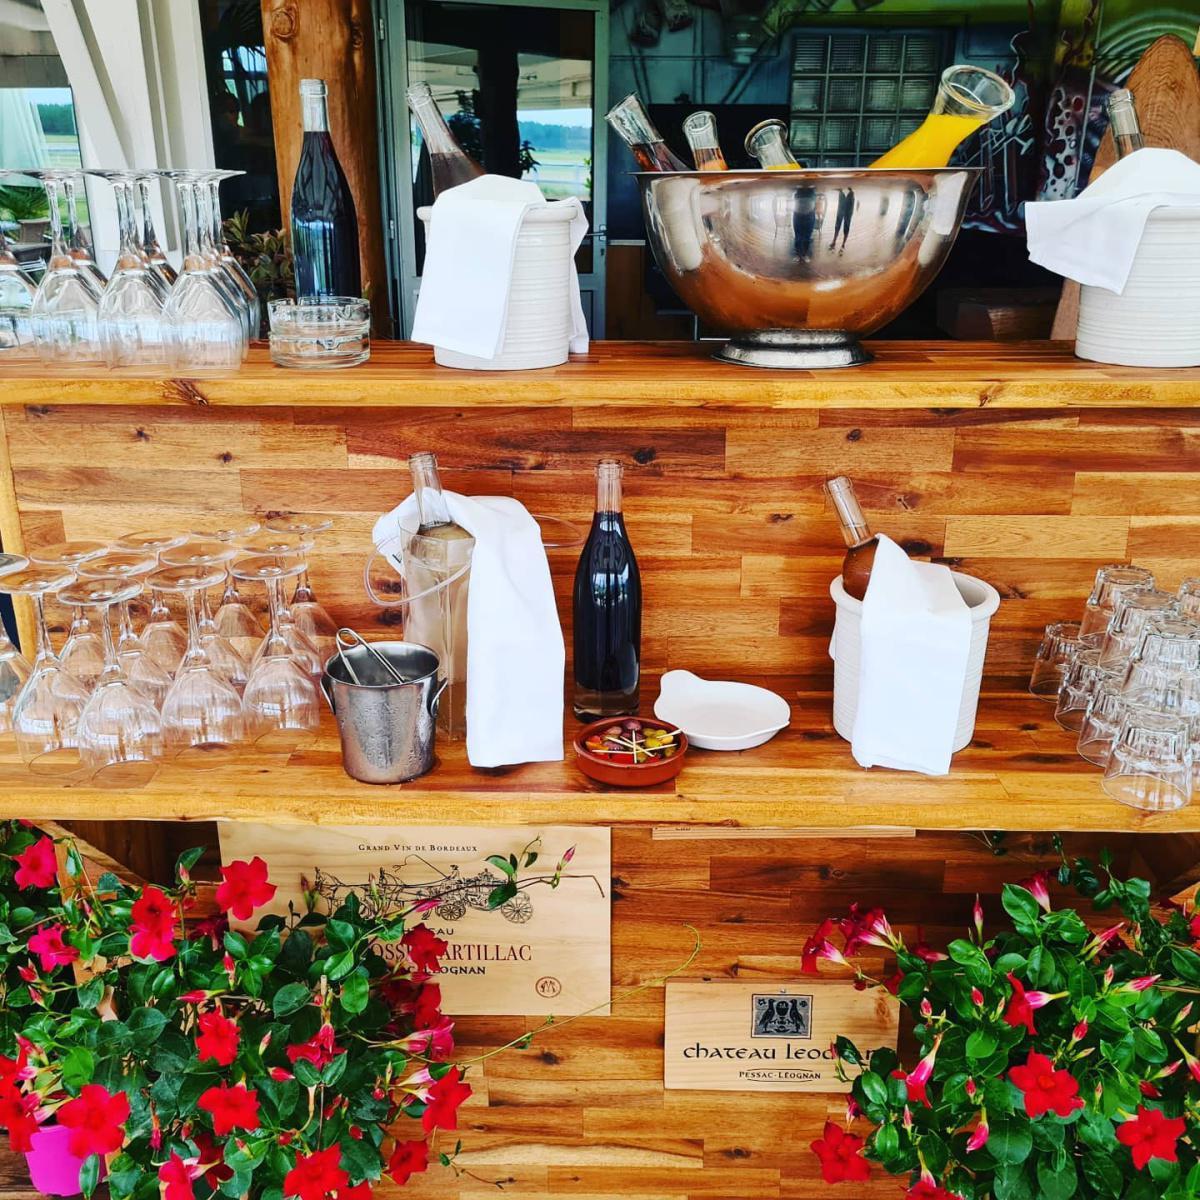 Restaurant Les Ailes 🛩 LFCS BORDEAUX LEOGNAN SAUCATS